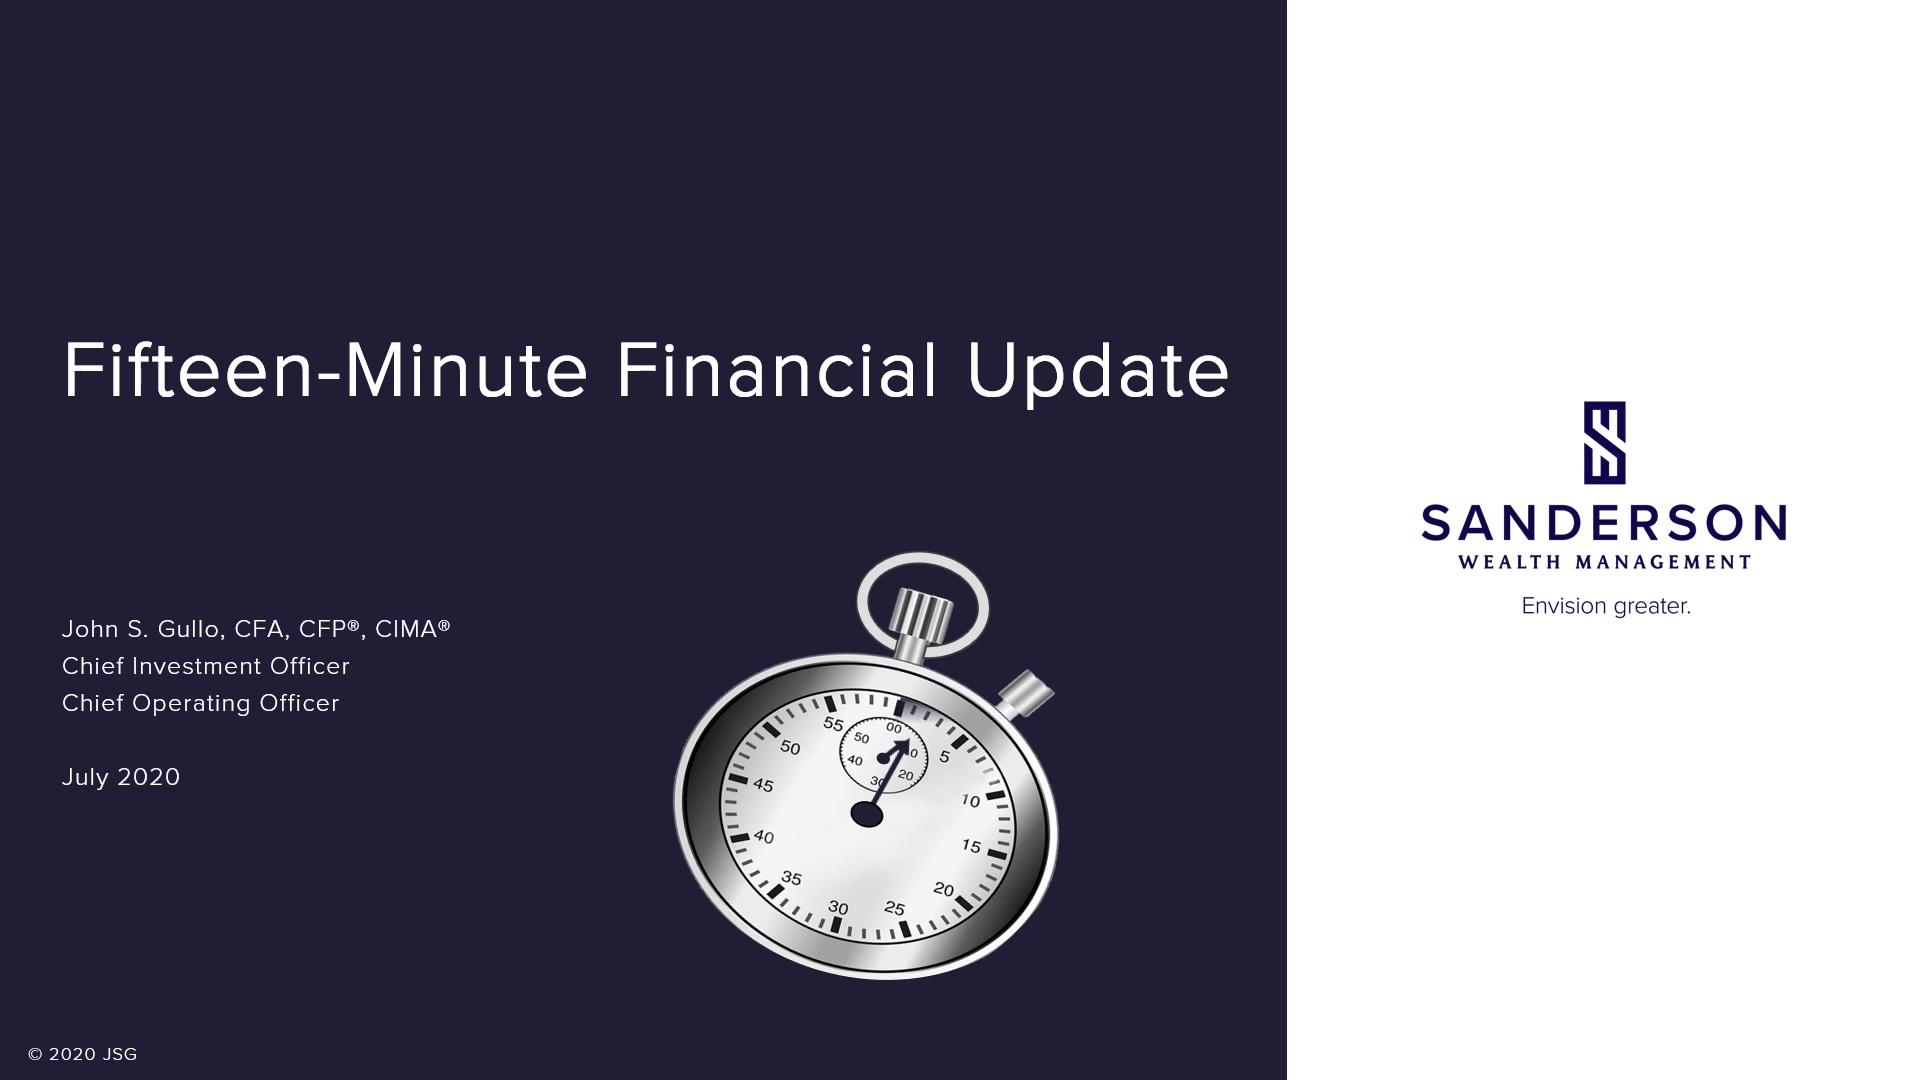 2020-06-30 - Fifteen Minute Financial Update